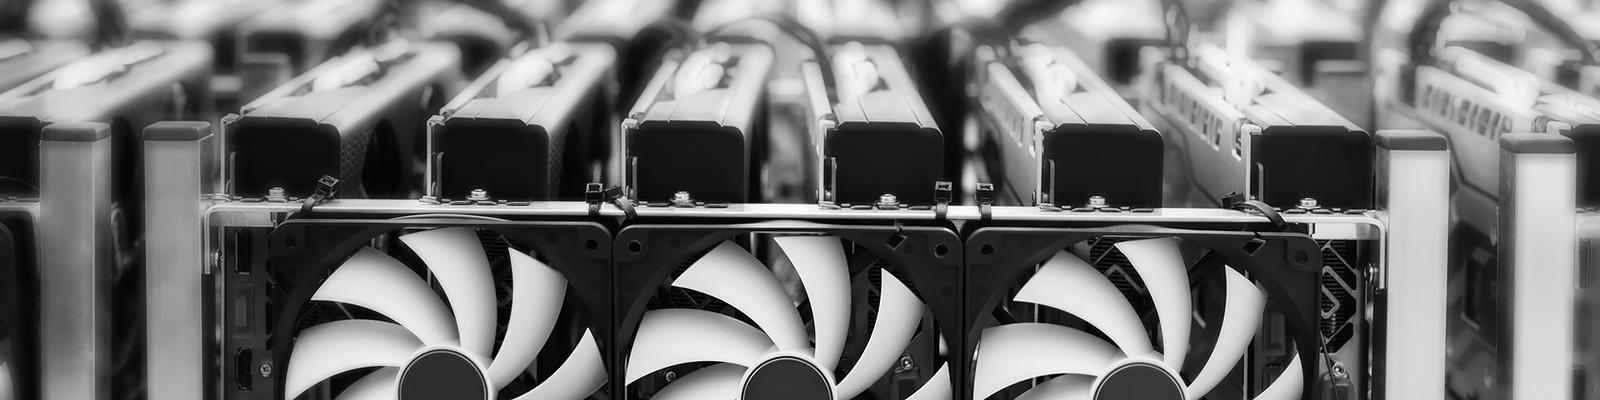 GPU イメージ